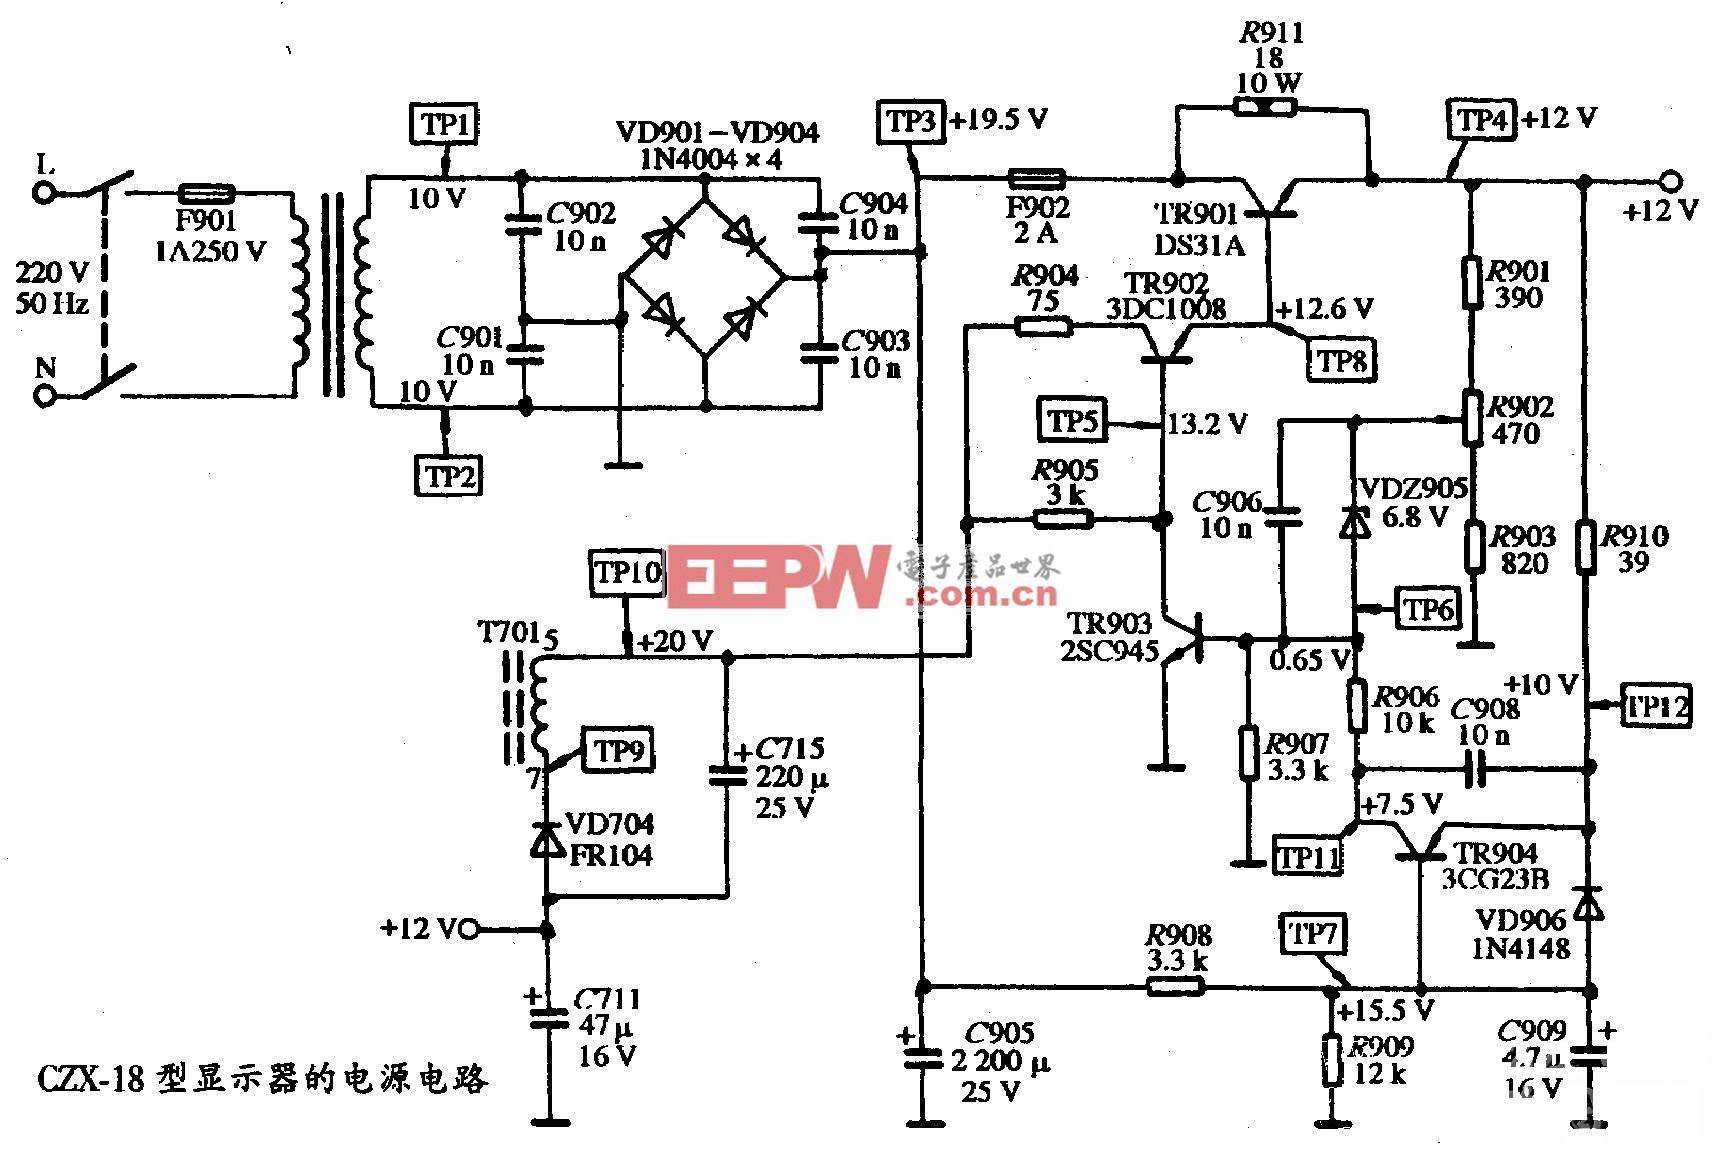 CZX-18型显示器的电源电路图